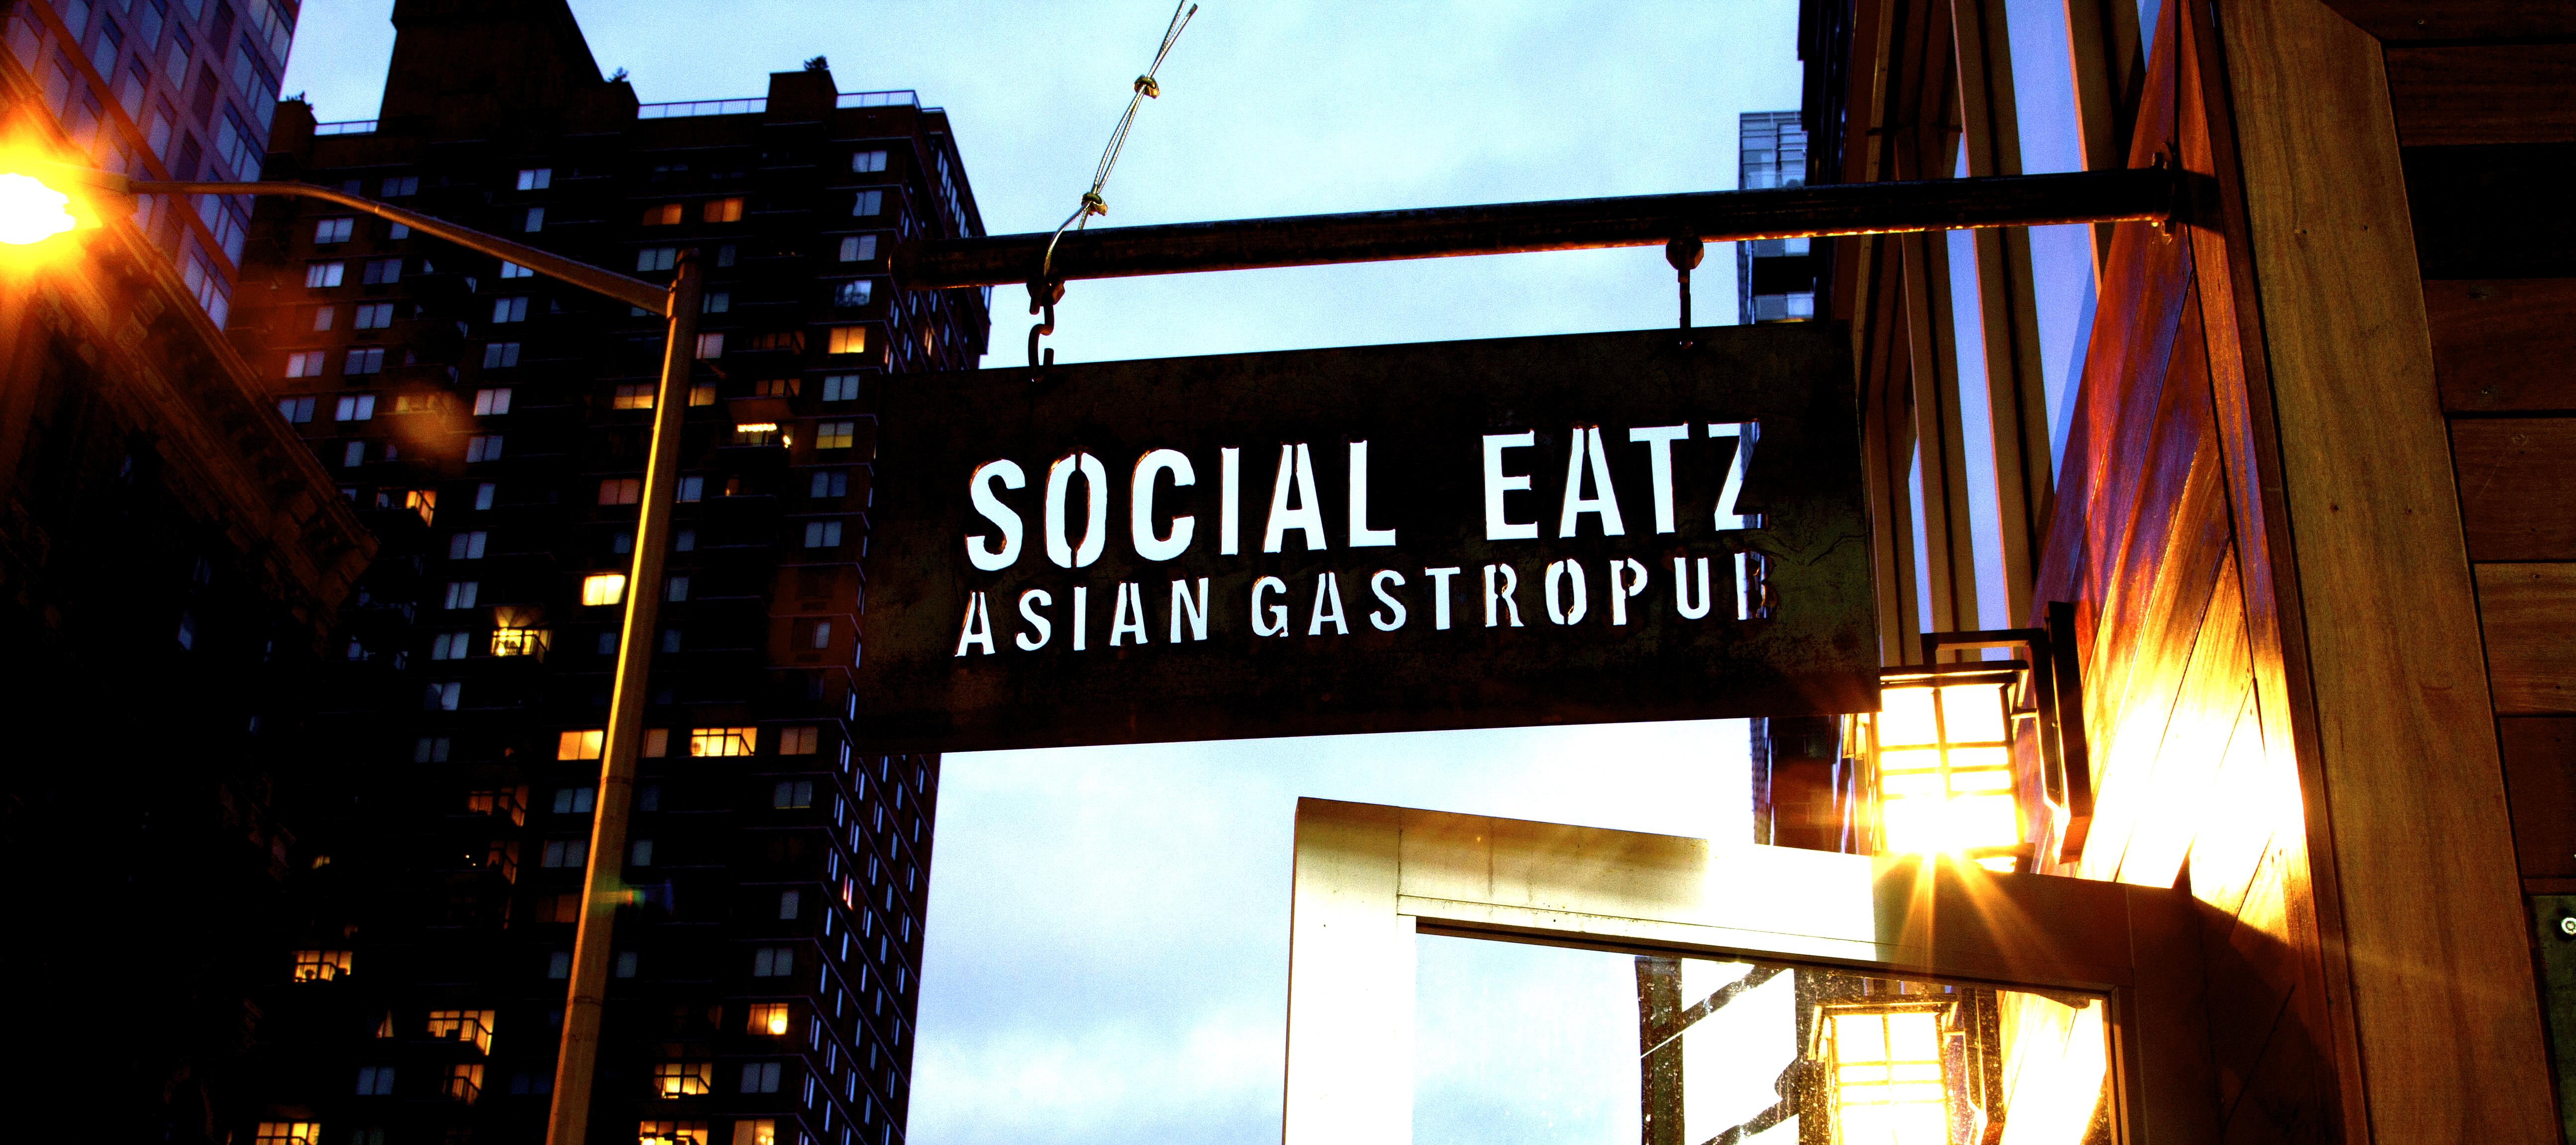 Social Eatz